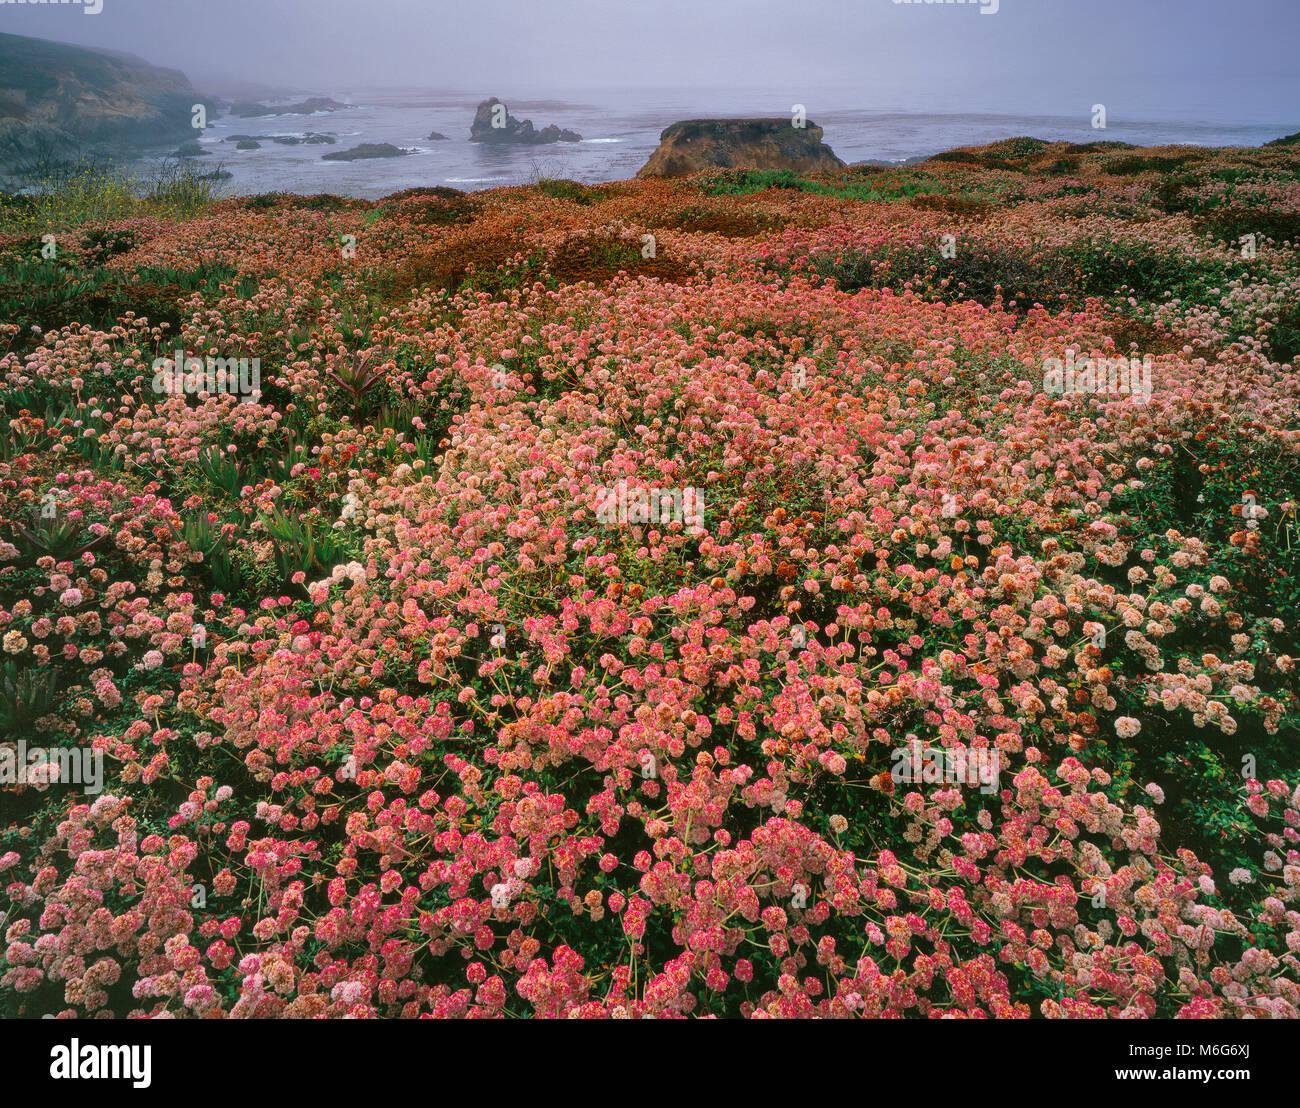 El trigo sarraceno, Eriogonum, niebla costera, la garrapata State Park, Big Sur, el Condado de Monterey, California Imagen De Stock